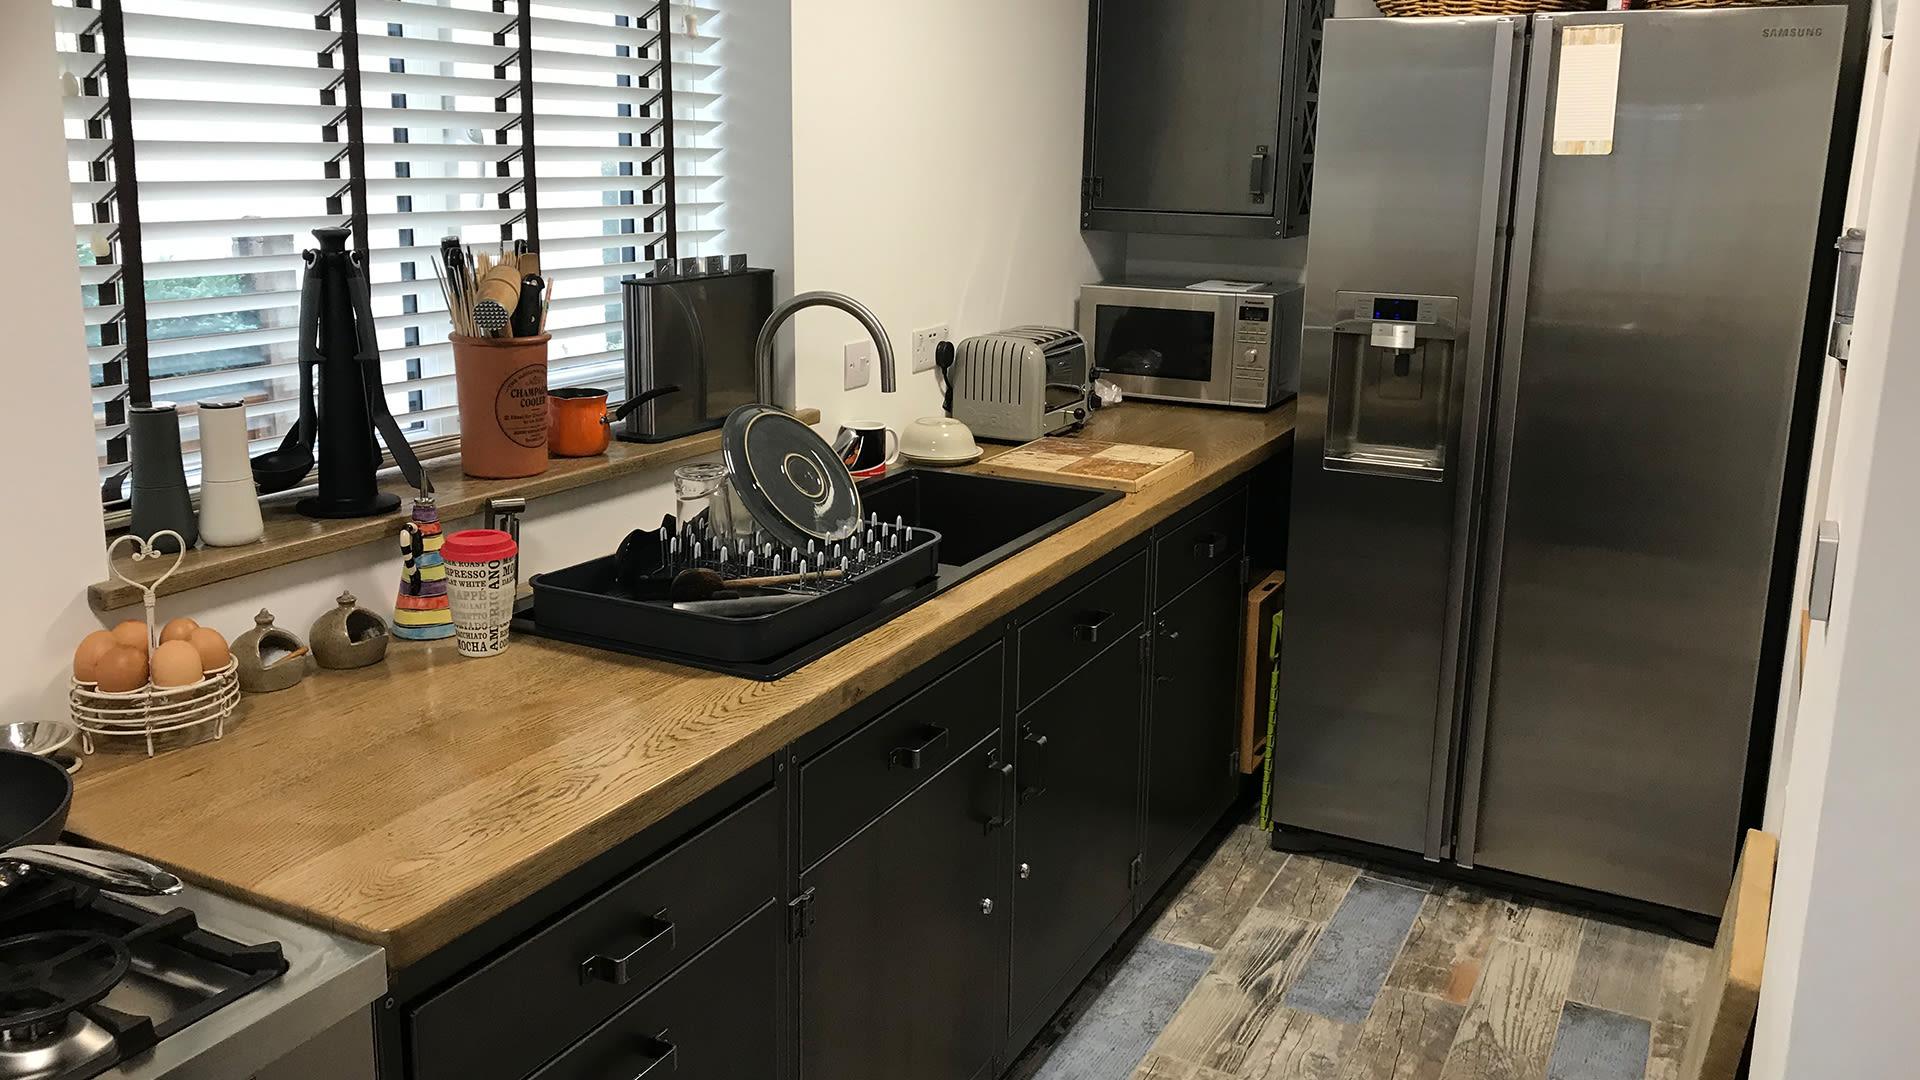 Steel Vintage - Industrial kitchens